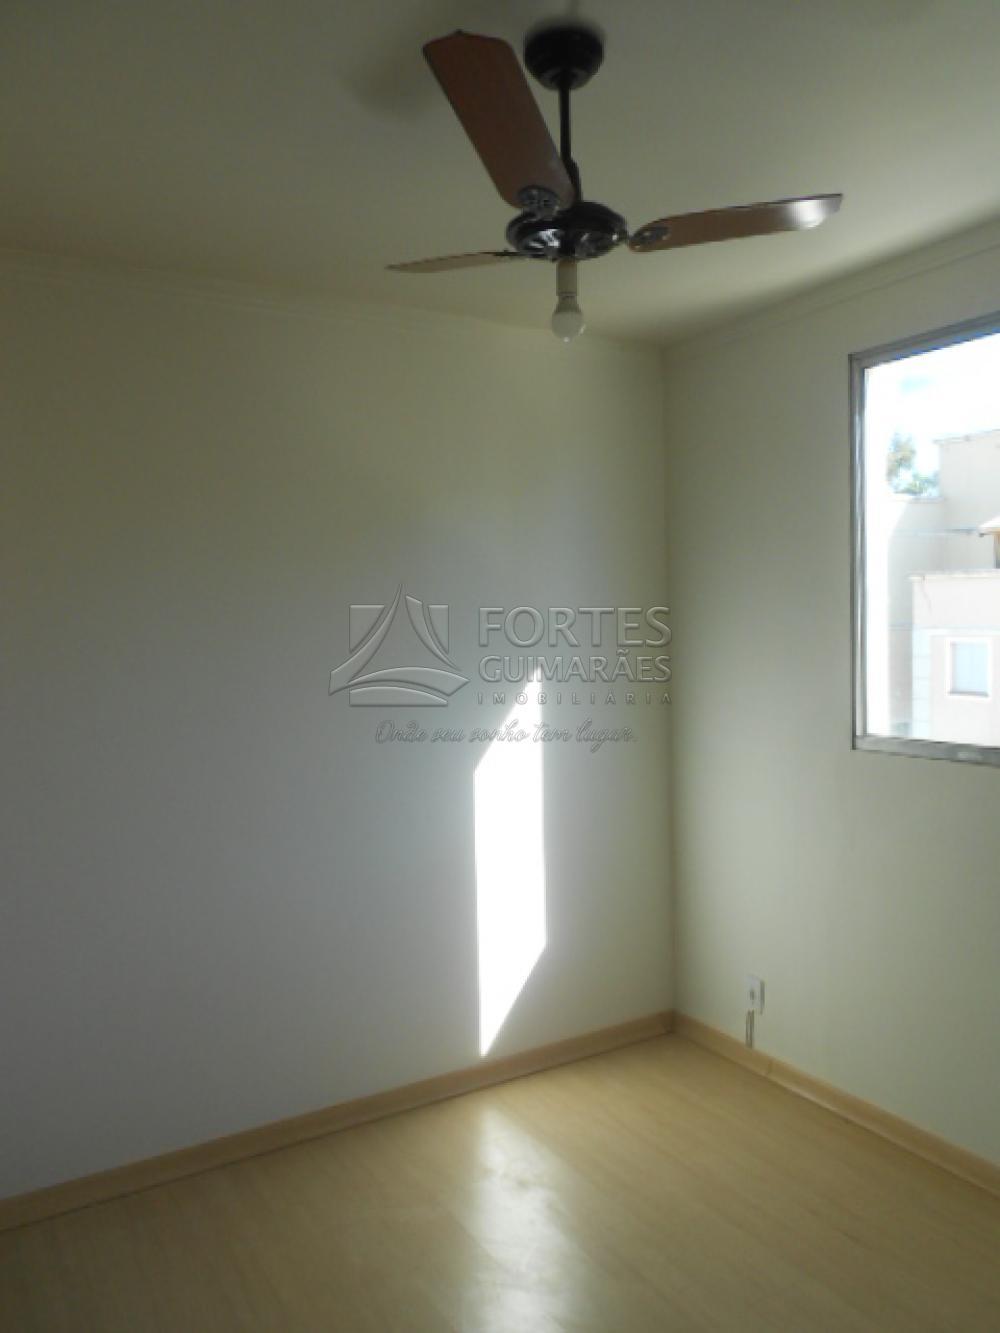 Alugar Apartamentos / Cobertura em Ribeirão Preto apenas R$ 1.000,00 - Foto 6